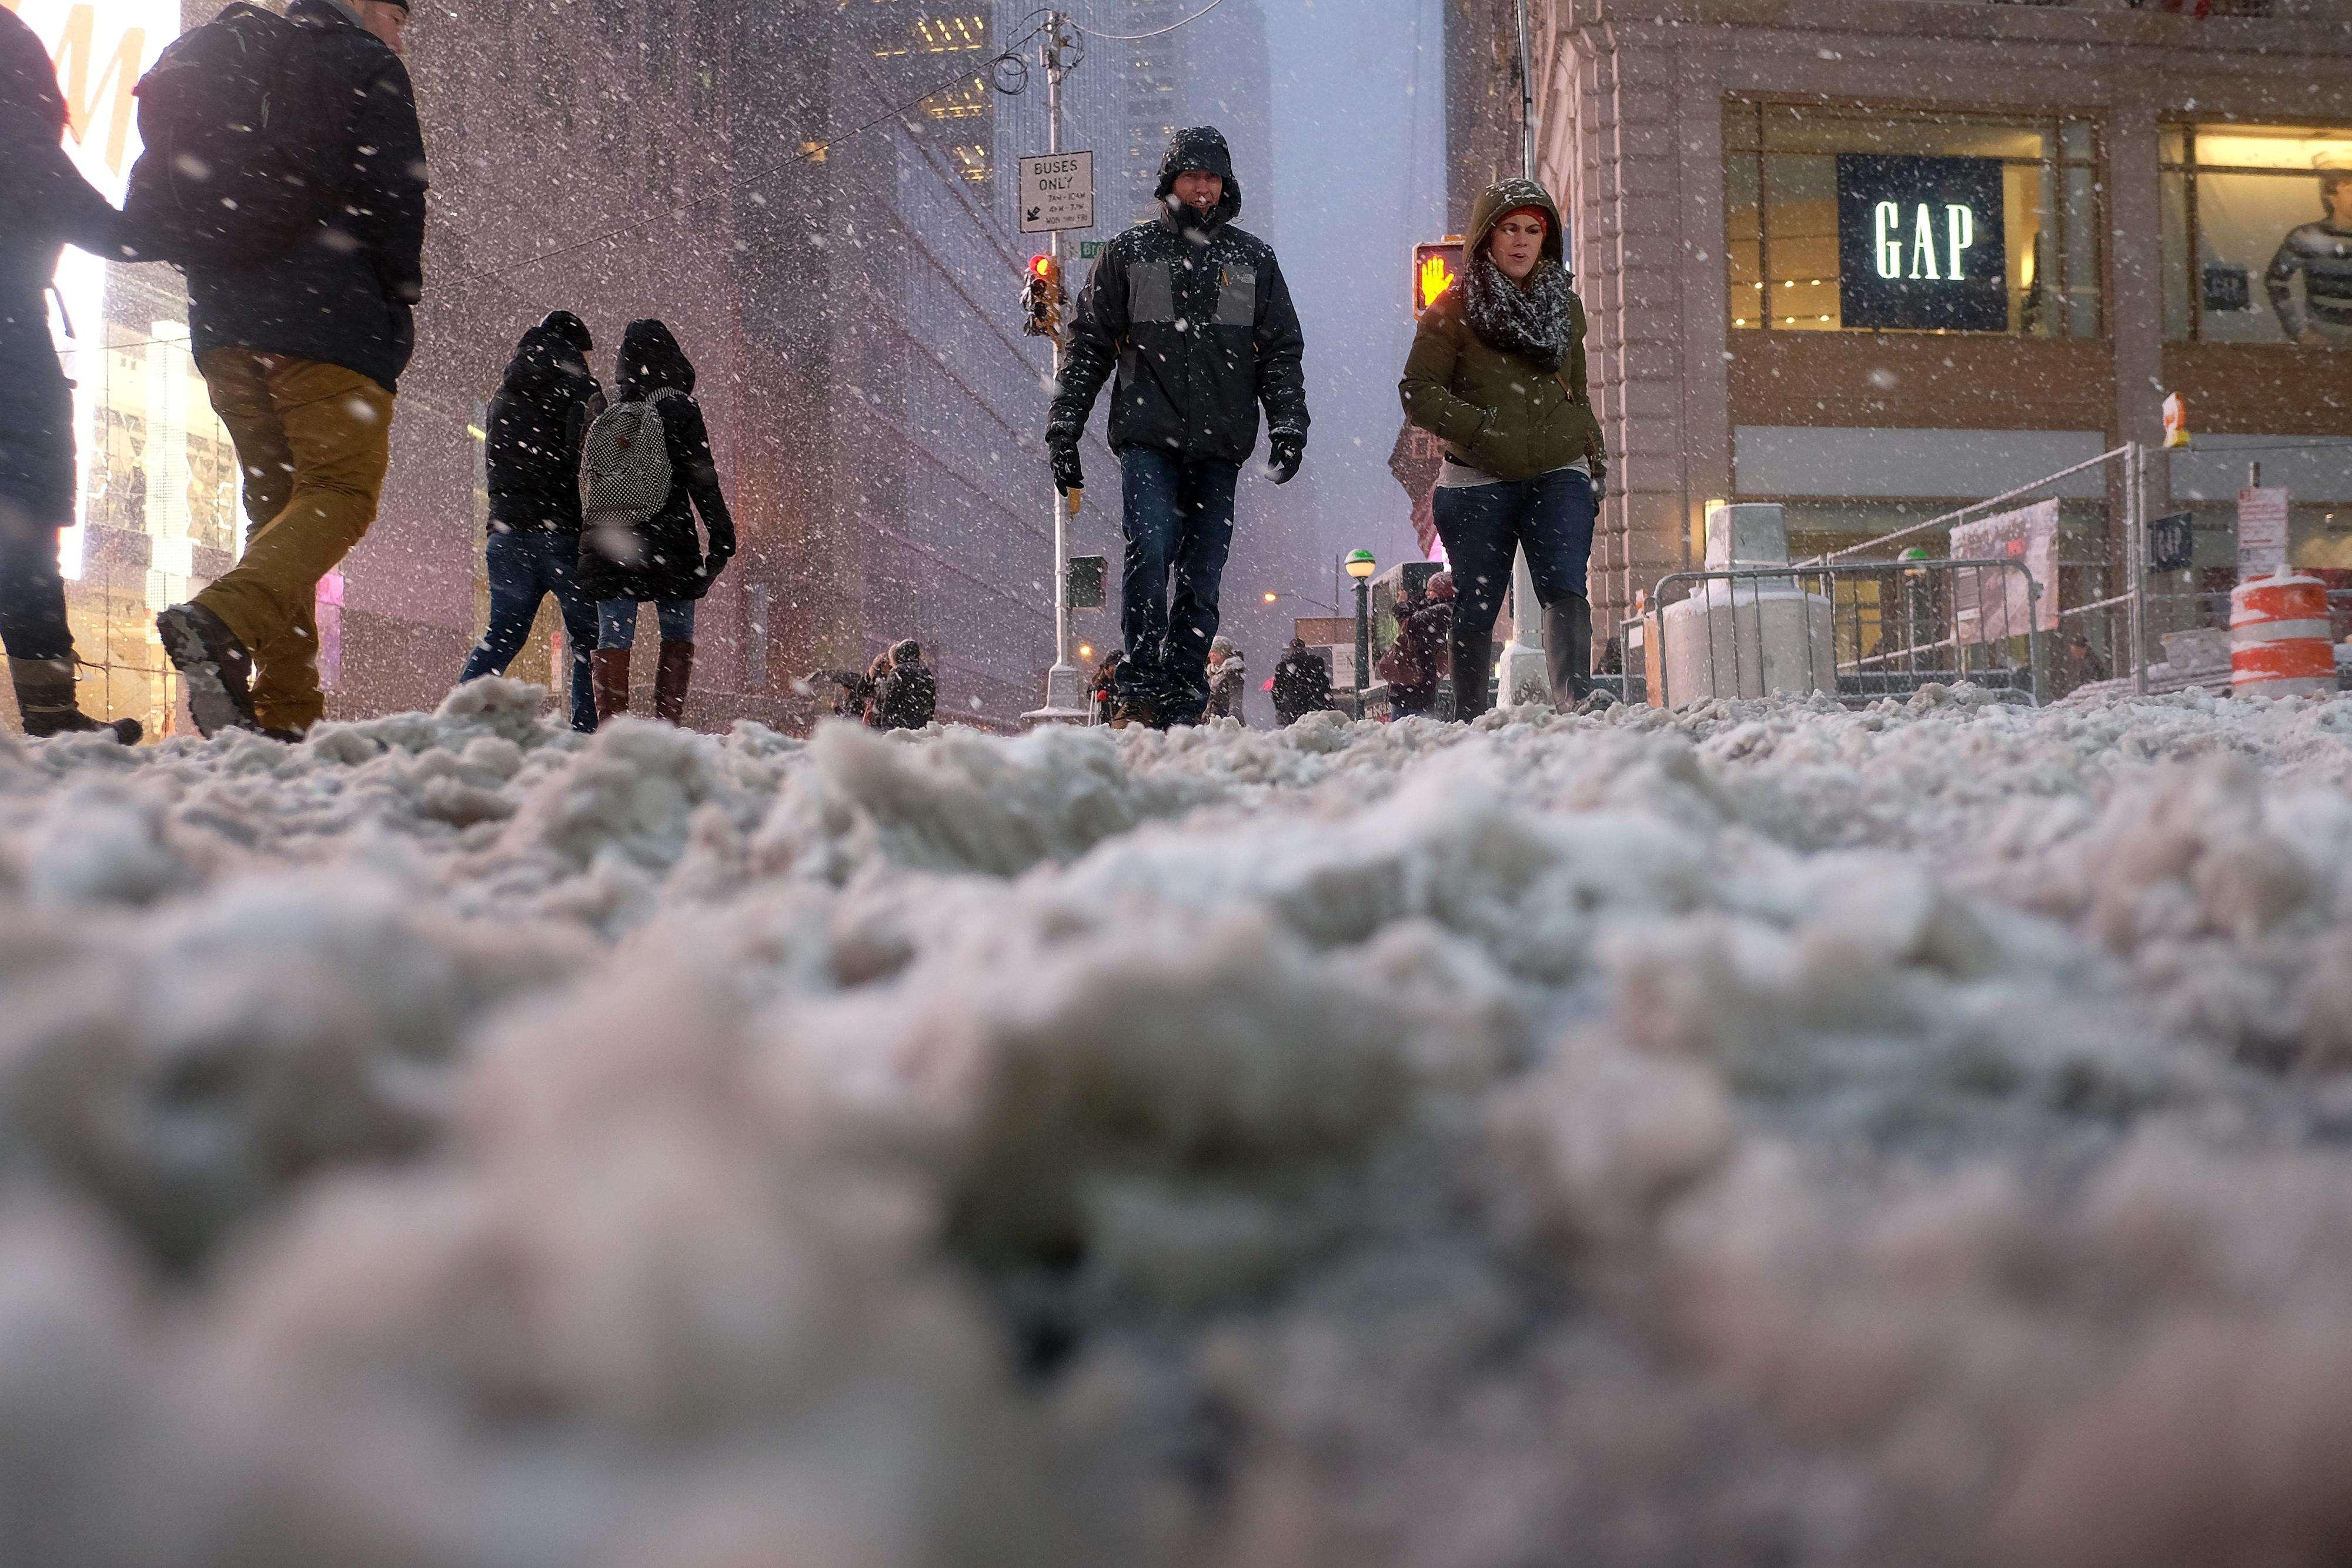 El gobernador Andrew Cuomo declaró estado de emergencia en varios condados, incluyendo los que abarcan Manhattan y varias zonas de Long Island. Foto: AFP en español